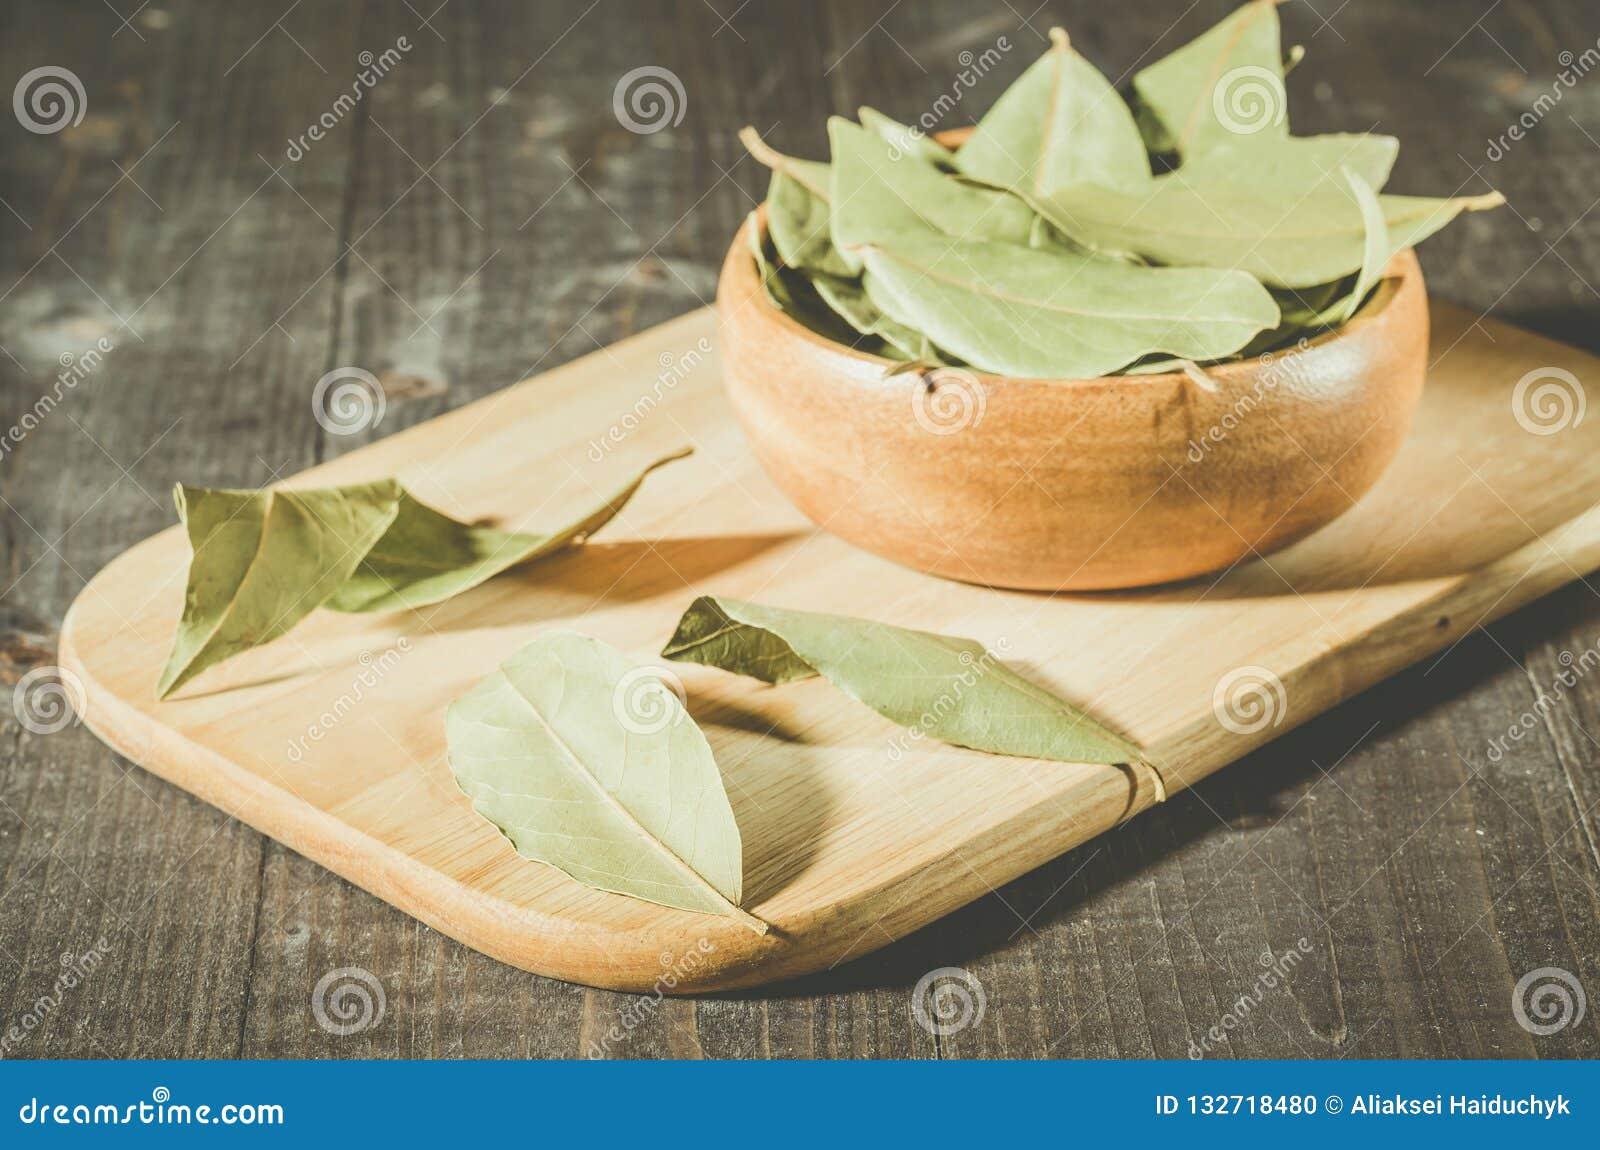 Feuille de laurier sur un plateau dans une cuvette/feuille de laurier en bois dans un plat en bois o